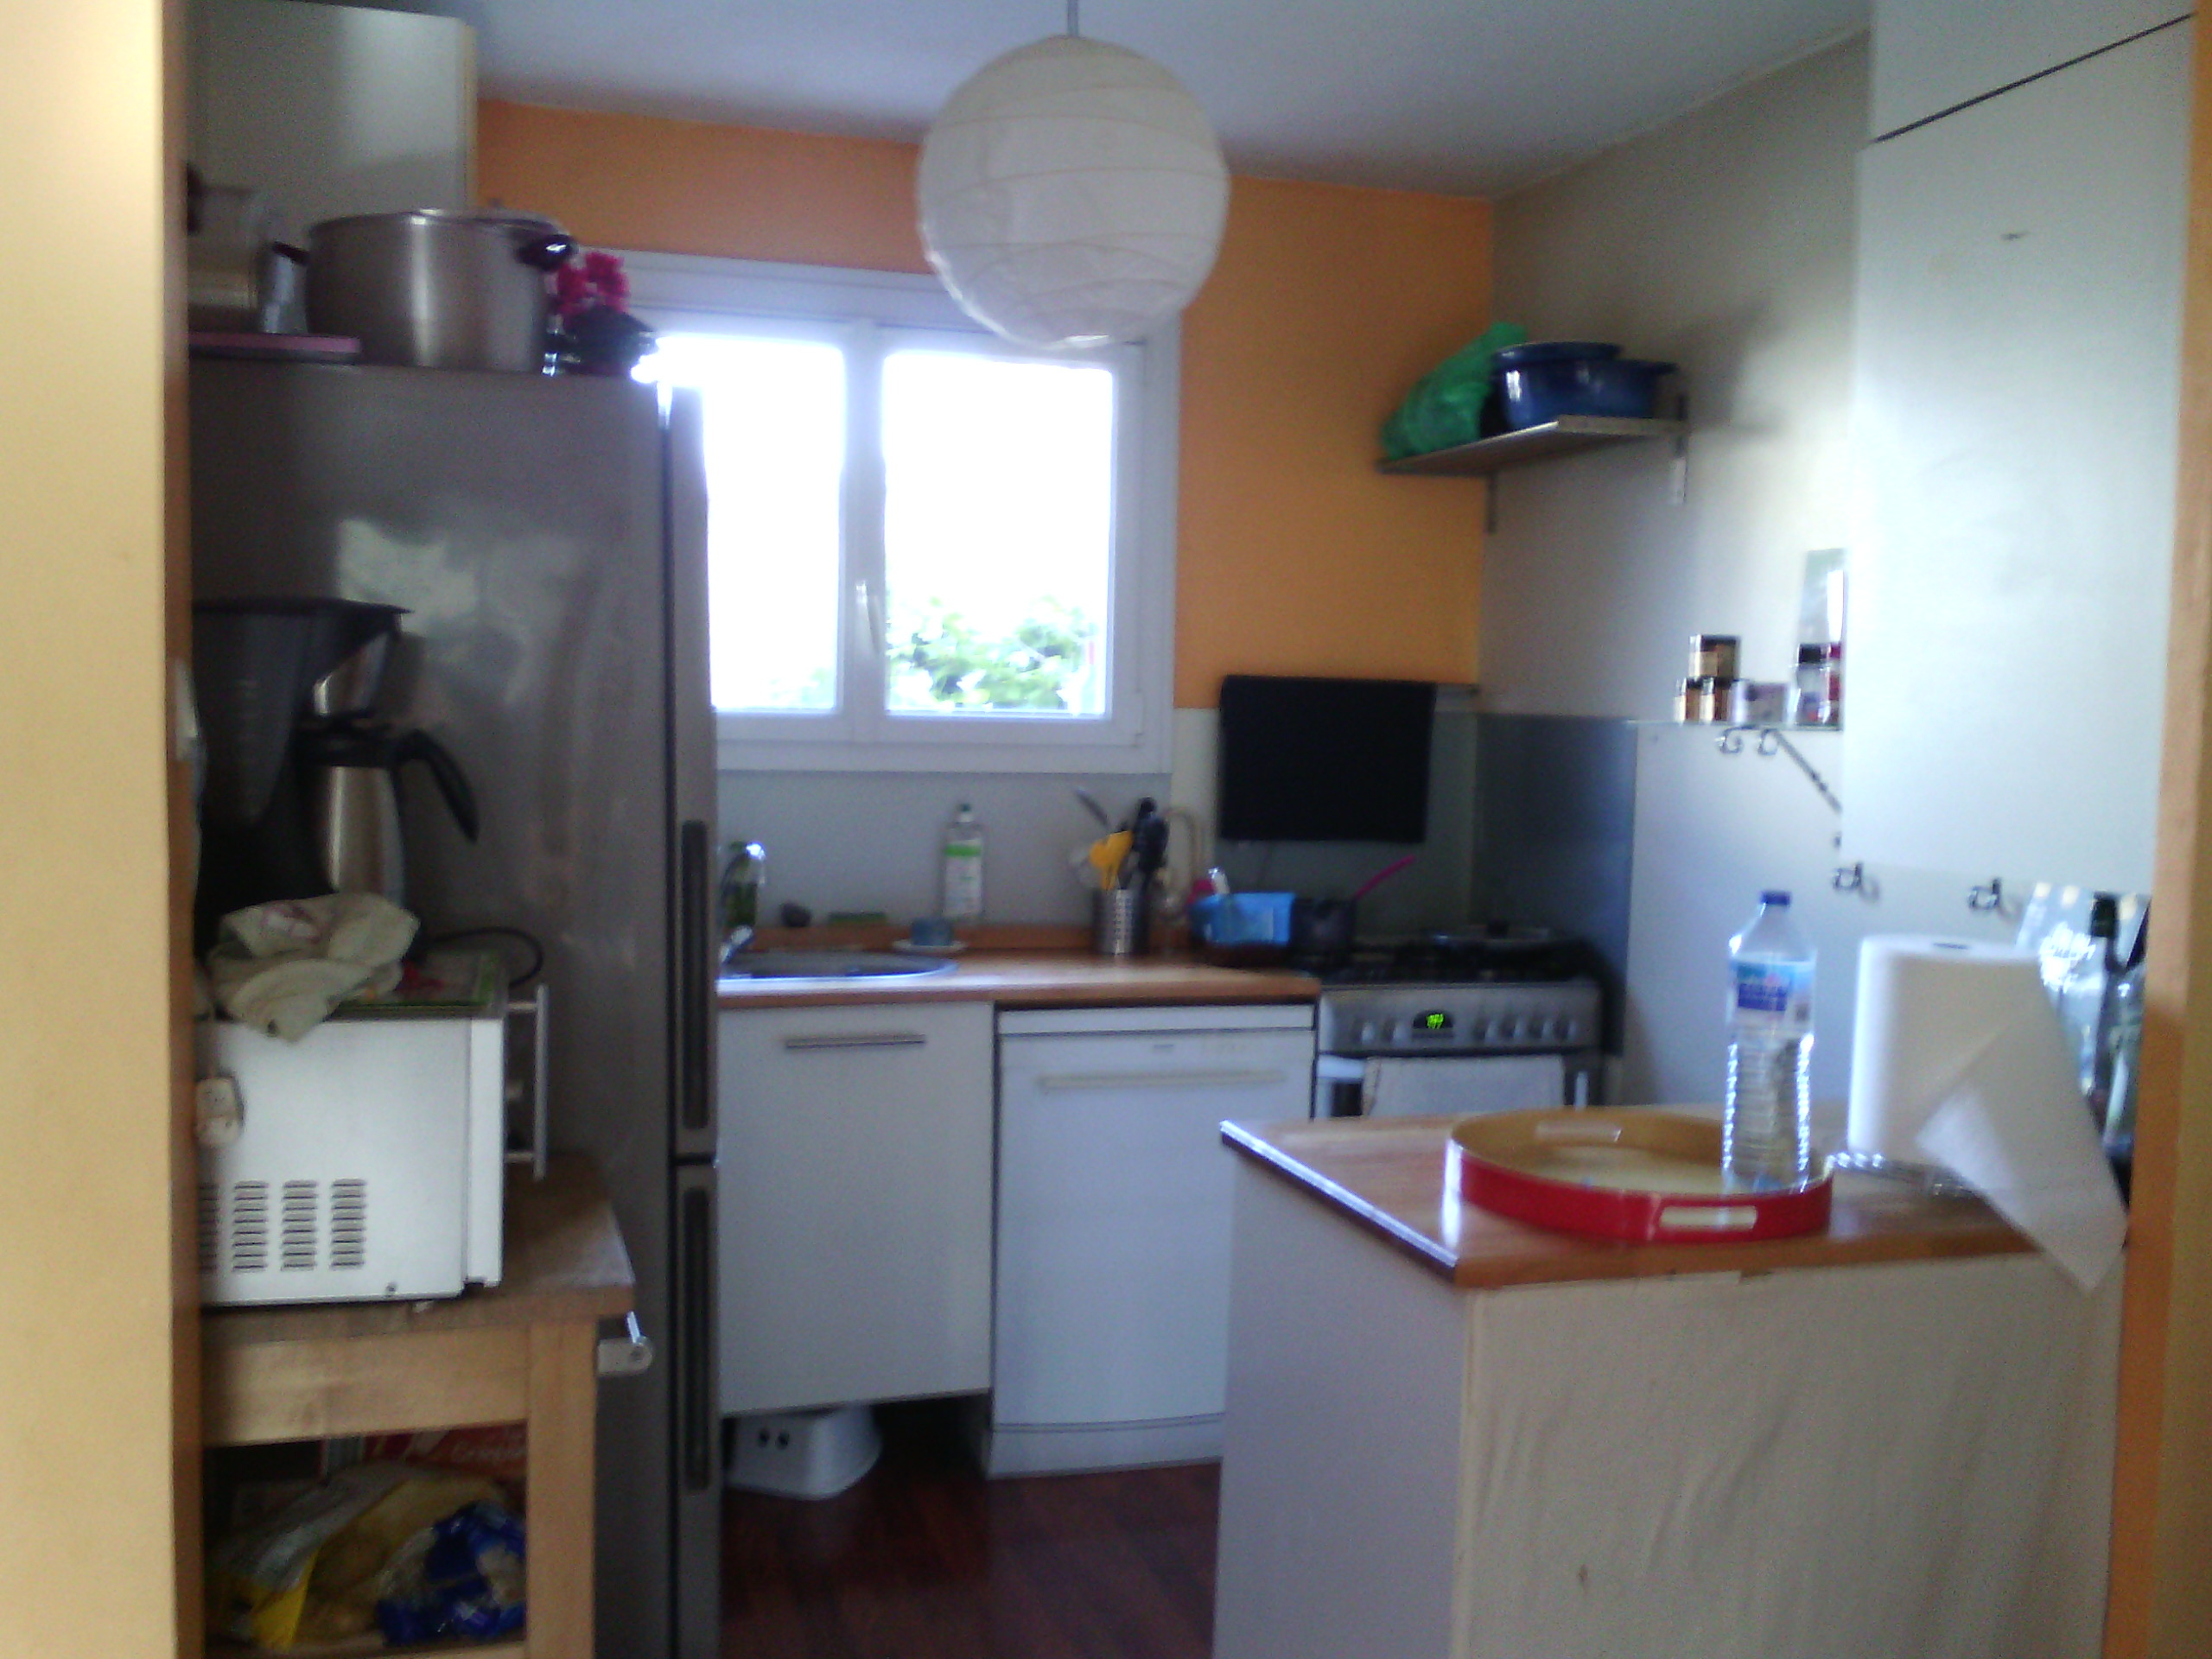 relooking d 39 une cuisine votre d coratrice. Black Bedroom Furniture Sets. Home Design Ideas